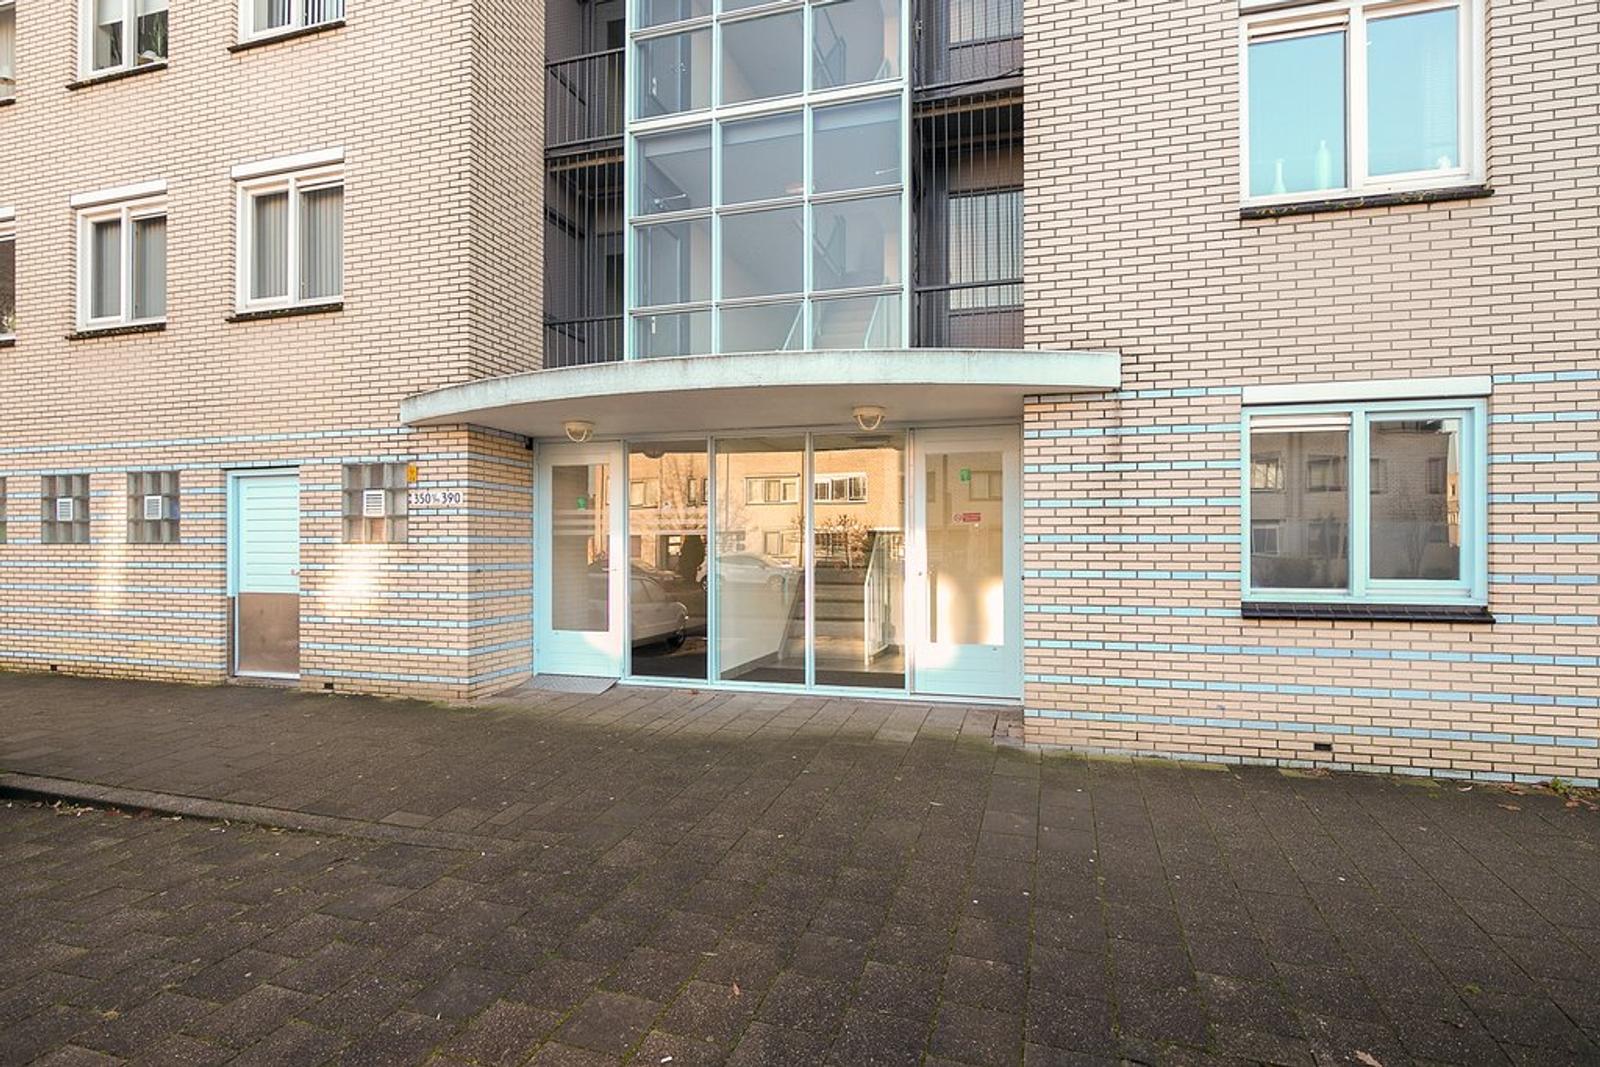 Rietkerkweg 378